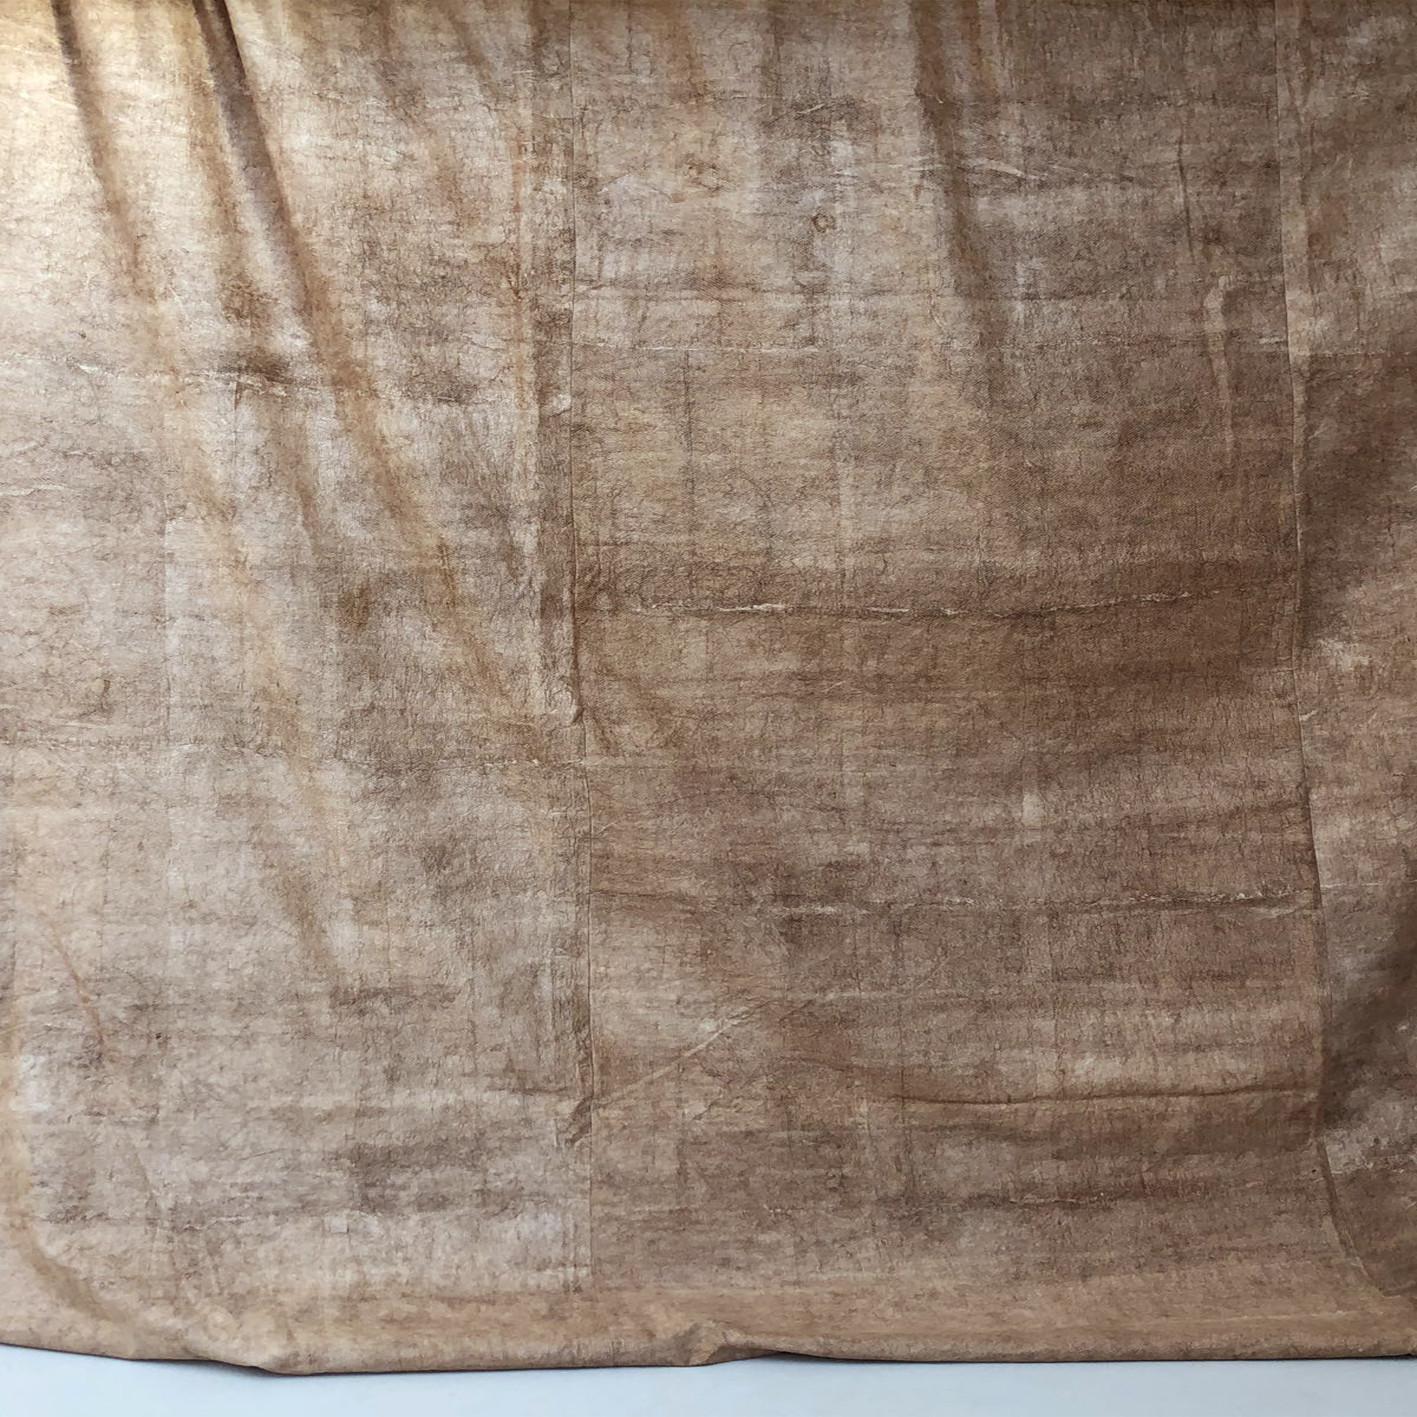 Tonga dye